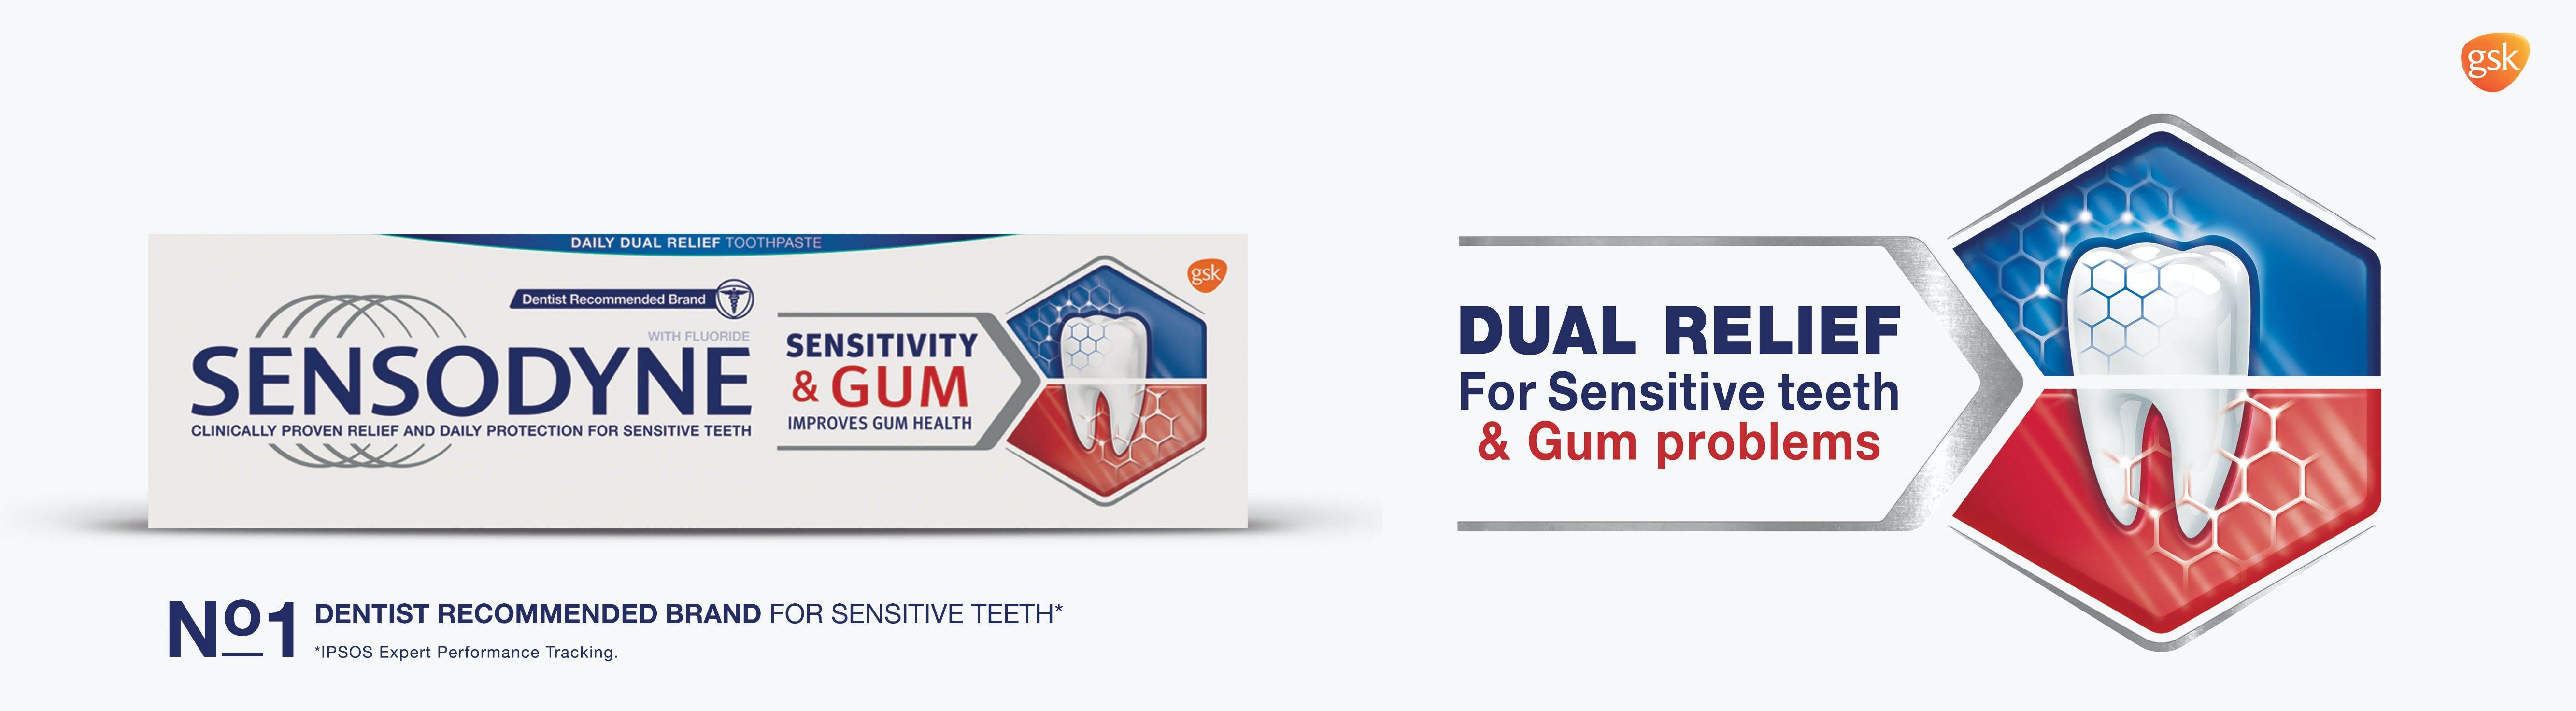 Sensitivity and Gum